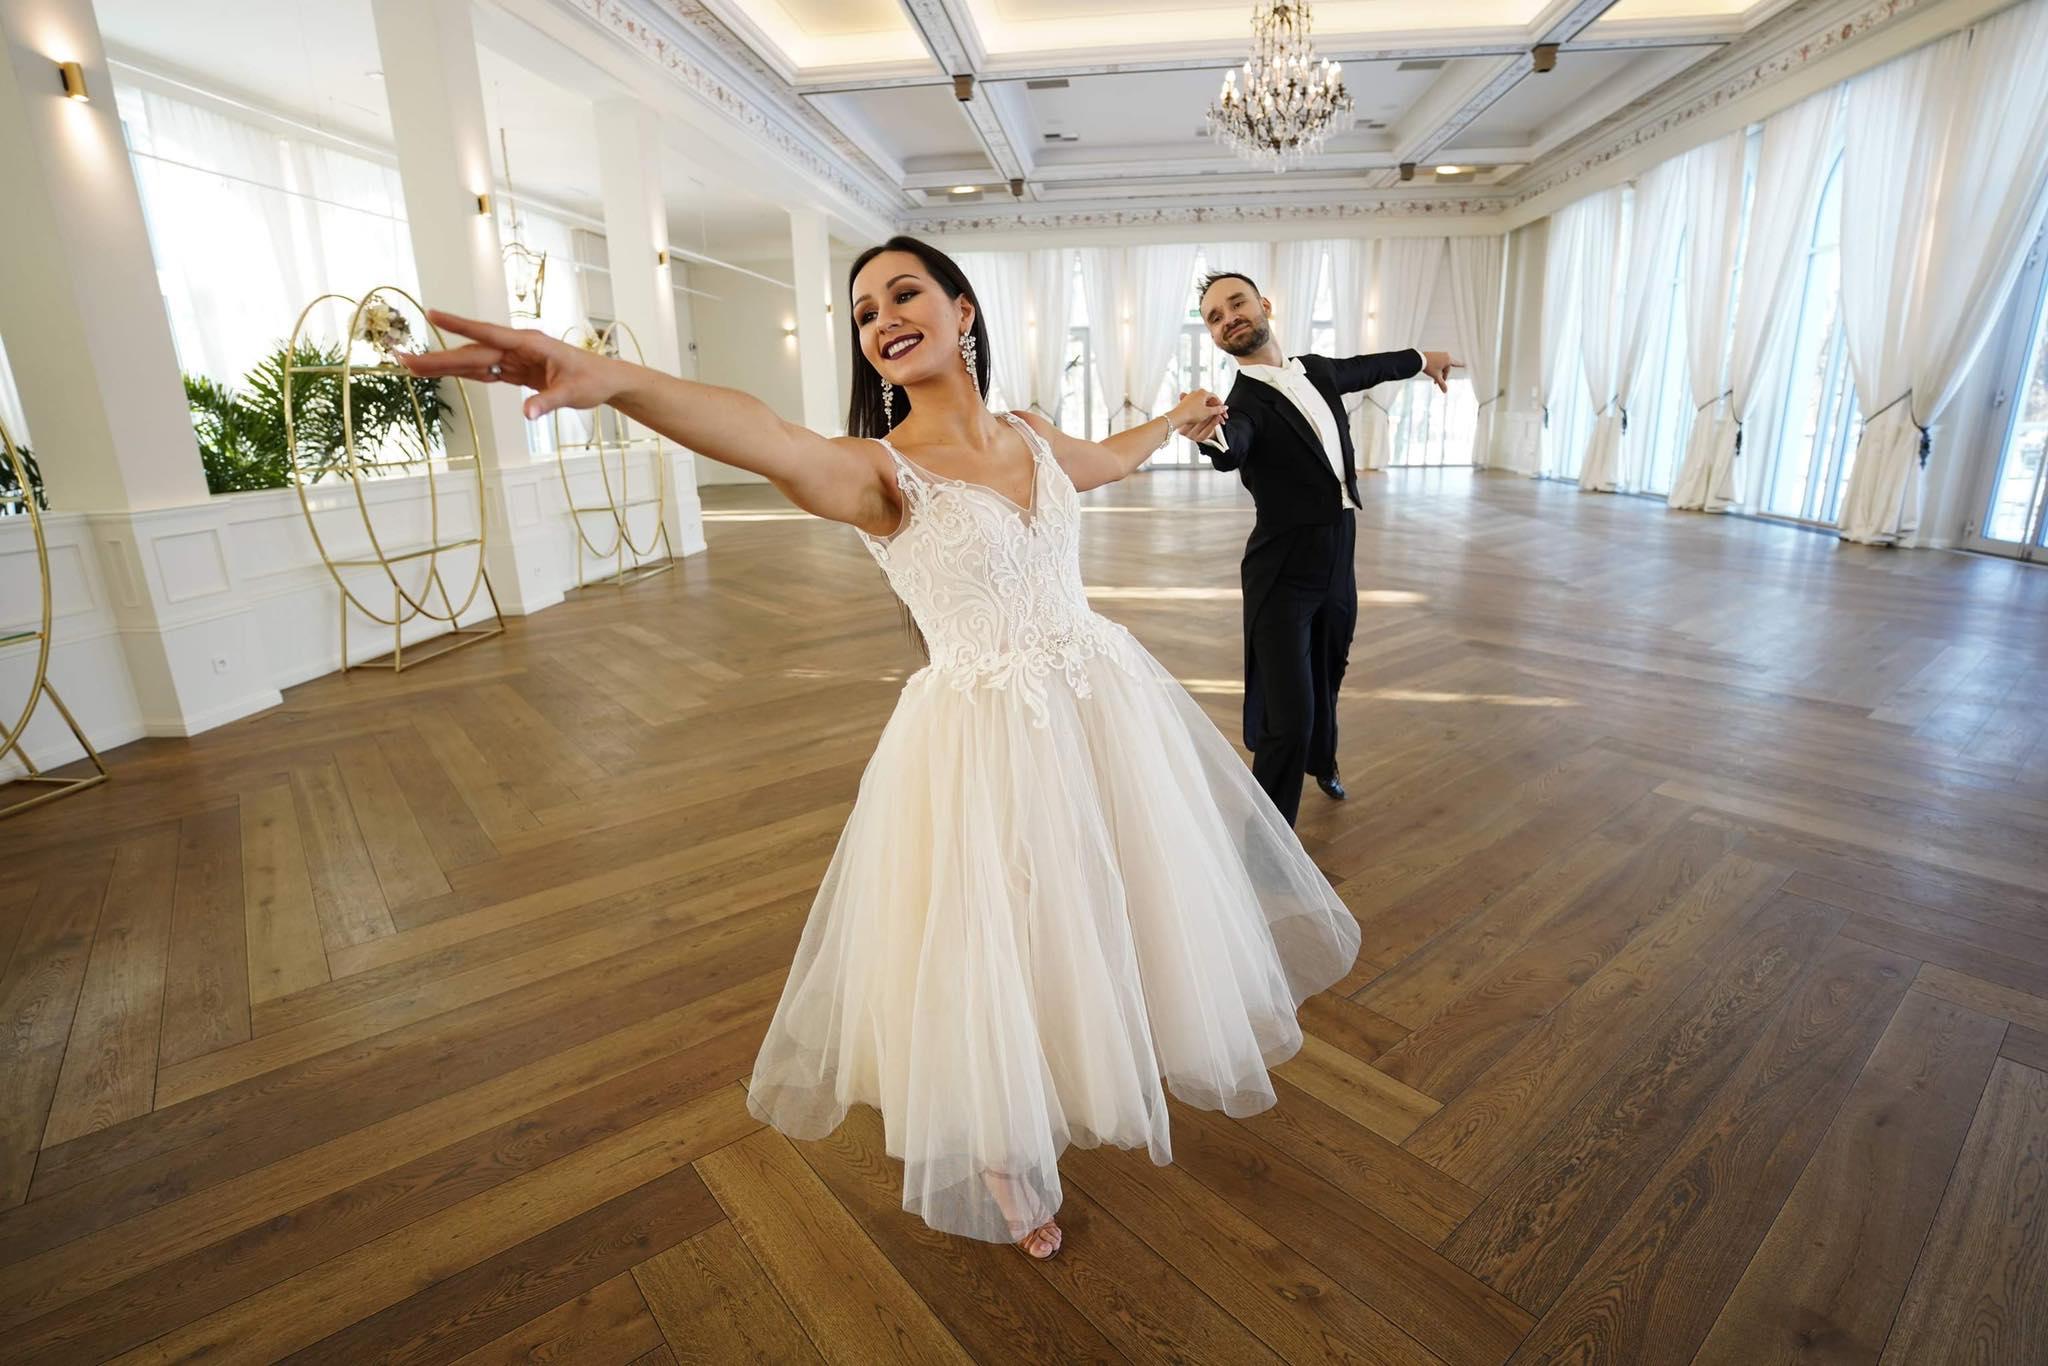 New! Love Story - Indila | Wedding Dance - Pierwszy Taniec - Walc Wiedeński